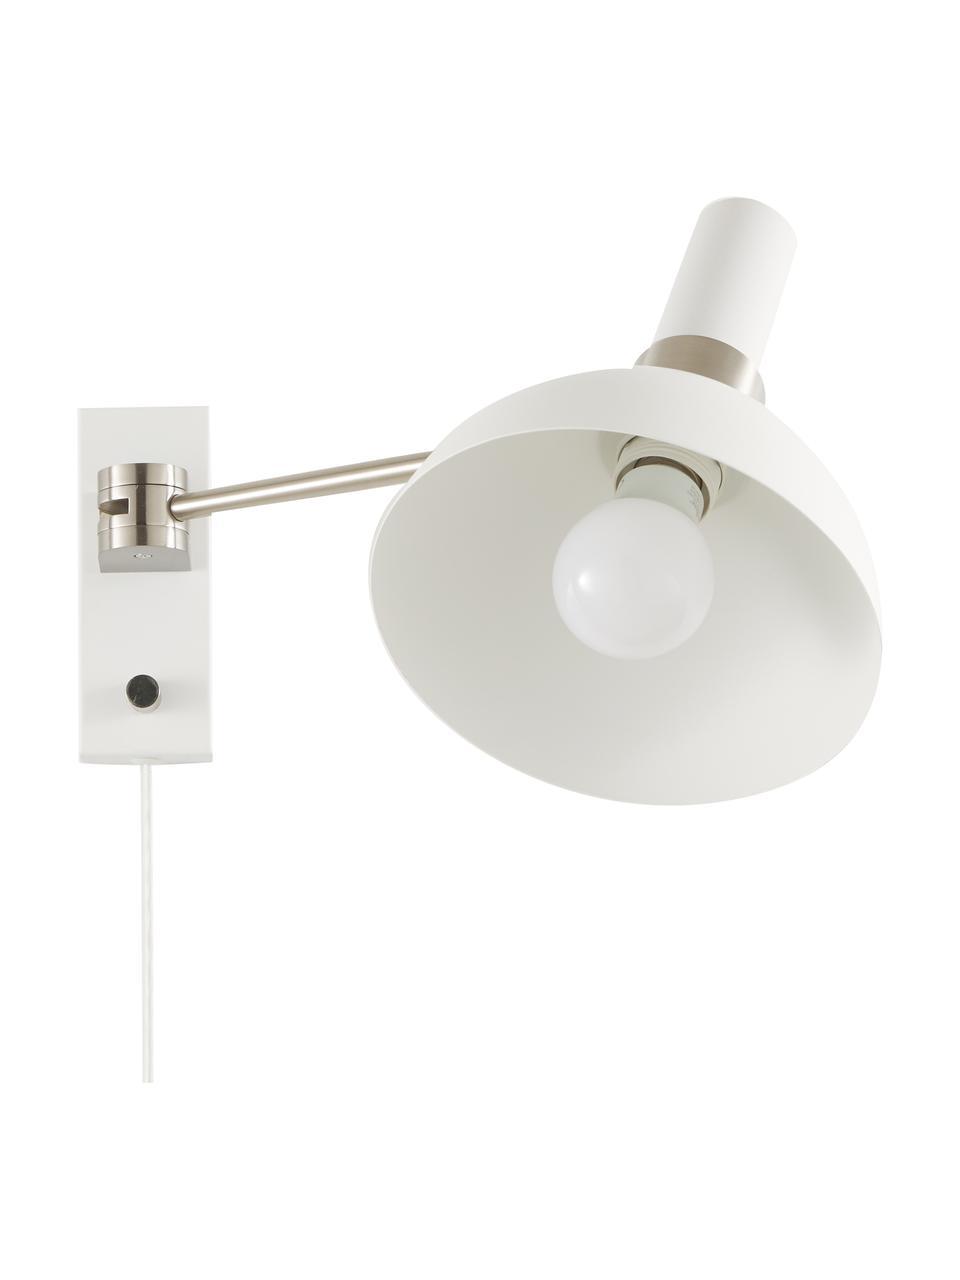 Dimmbare Wandleuchte Larry mit Stecker, Lampenschirm: Messing, lackiert, Gestell: Messing, Weiß,Chrom, 19 x 24 cm